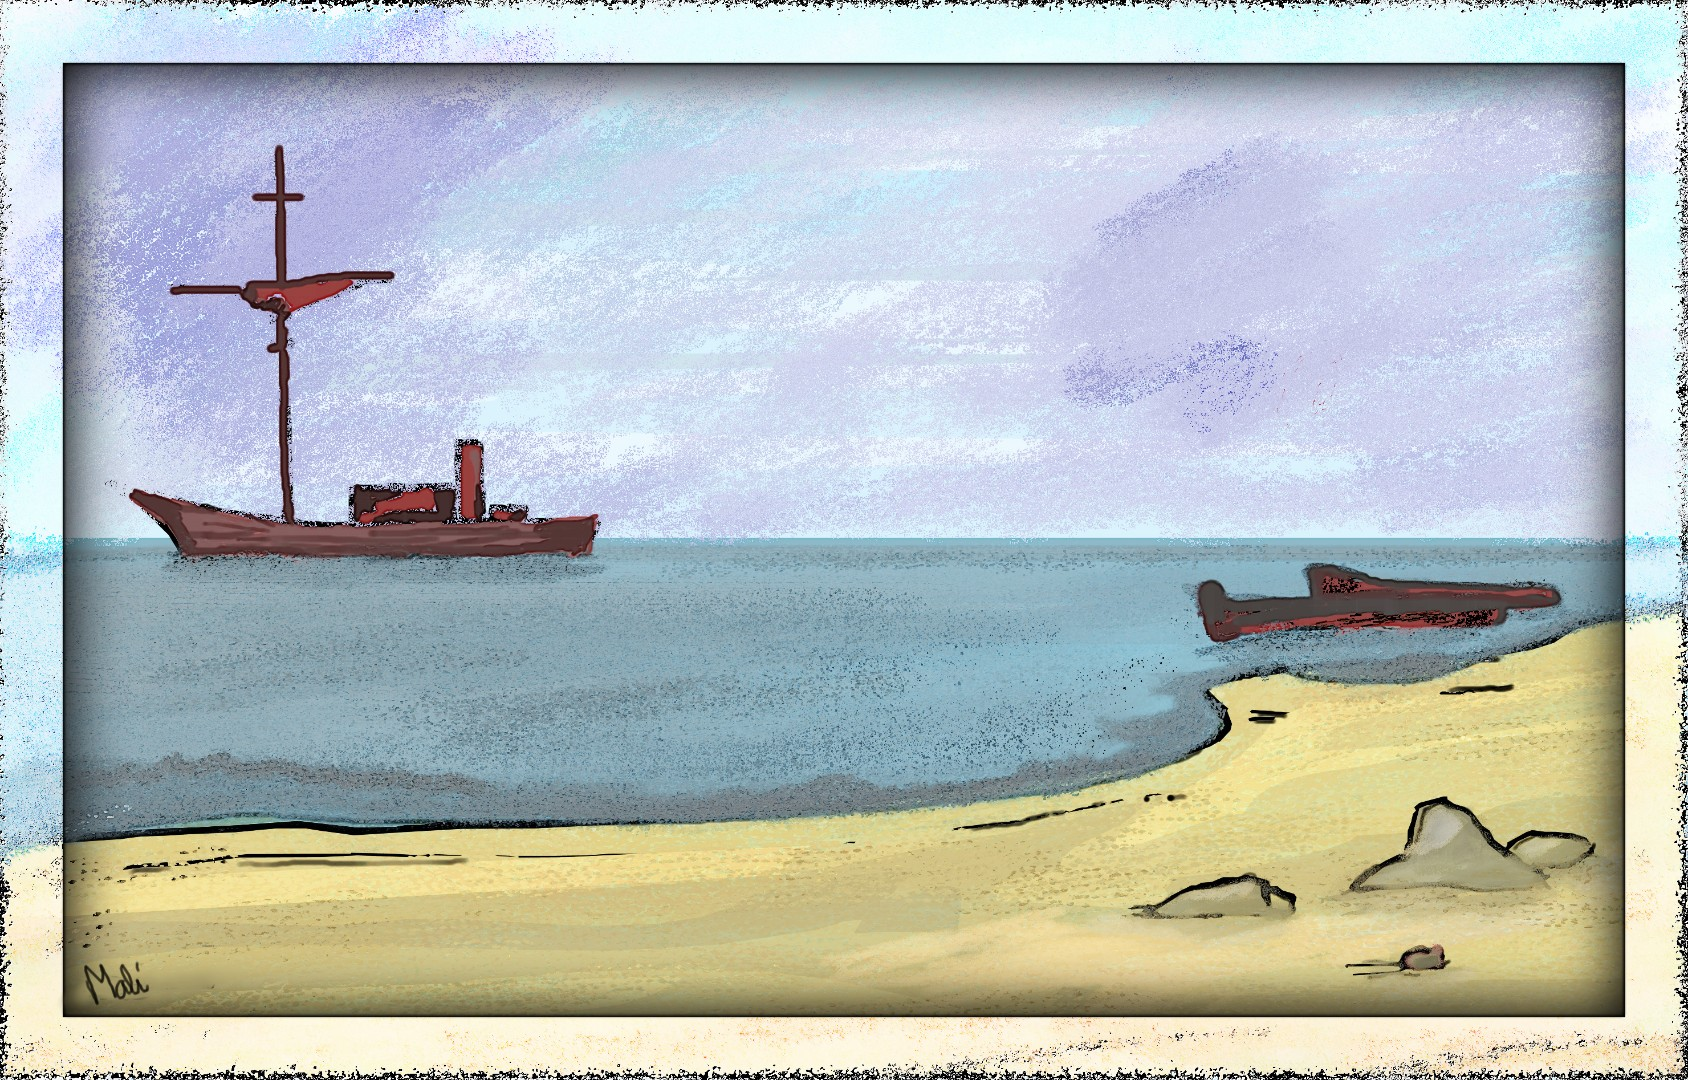 sc-boating-scene.jpg